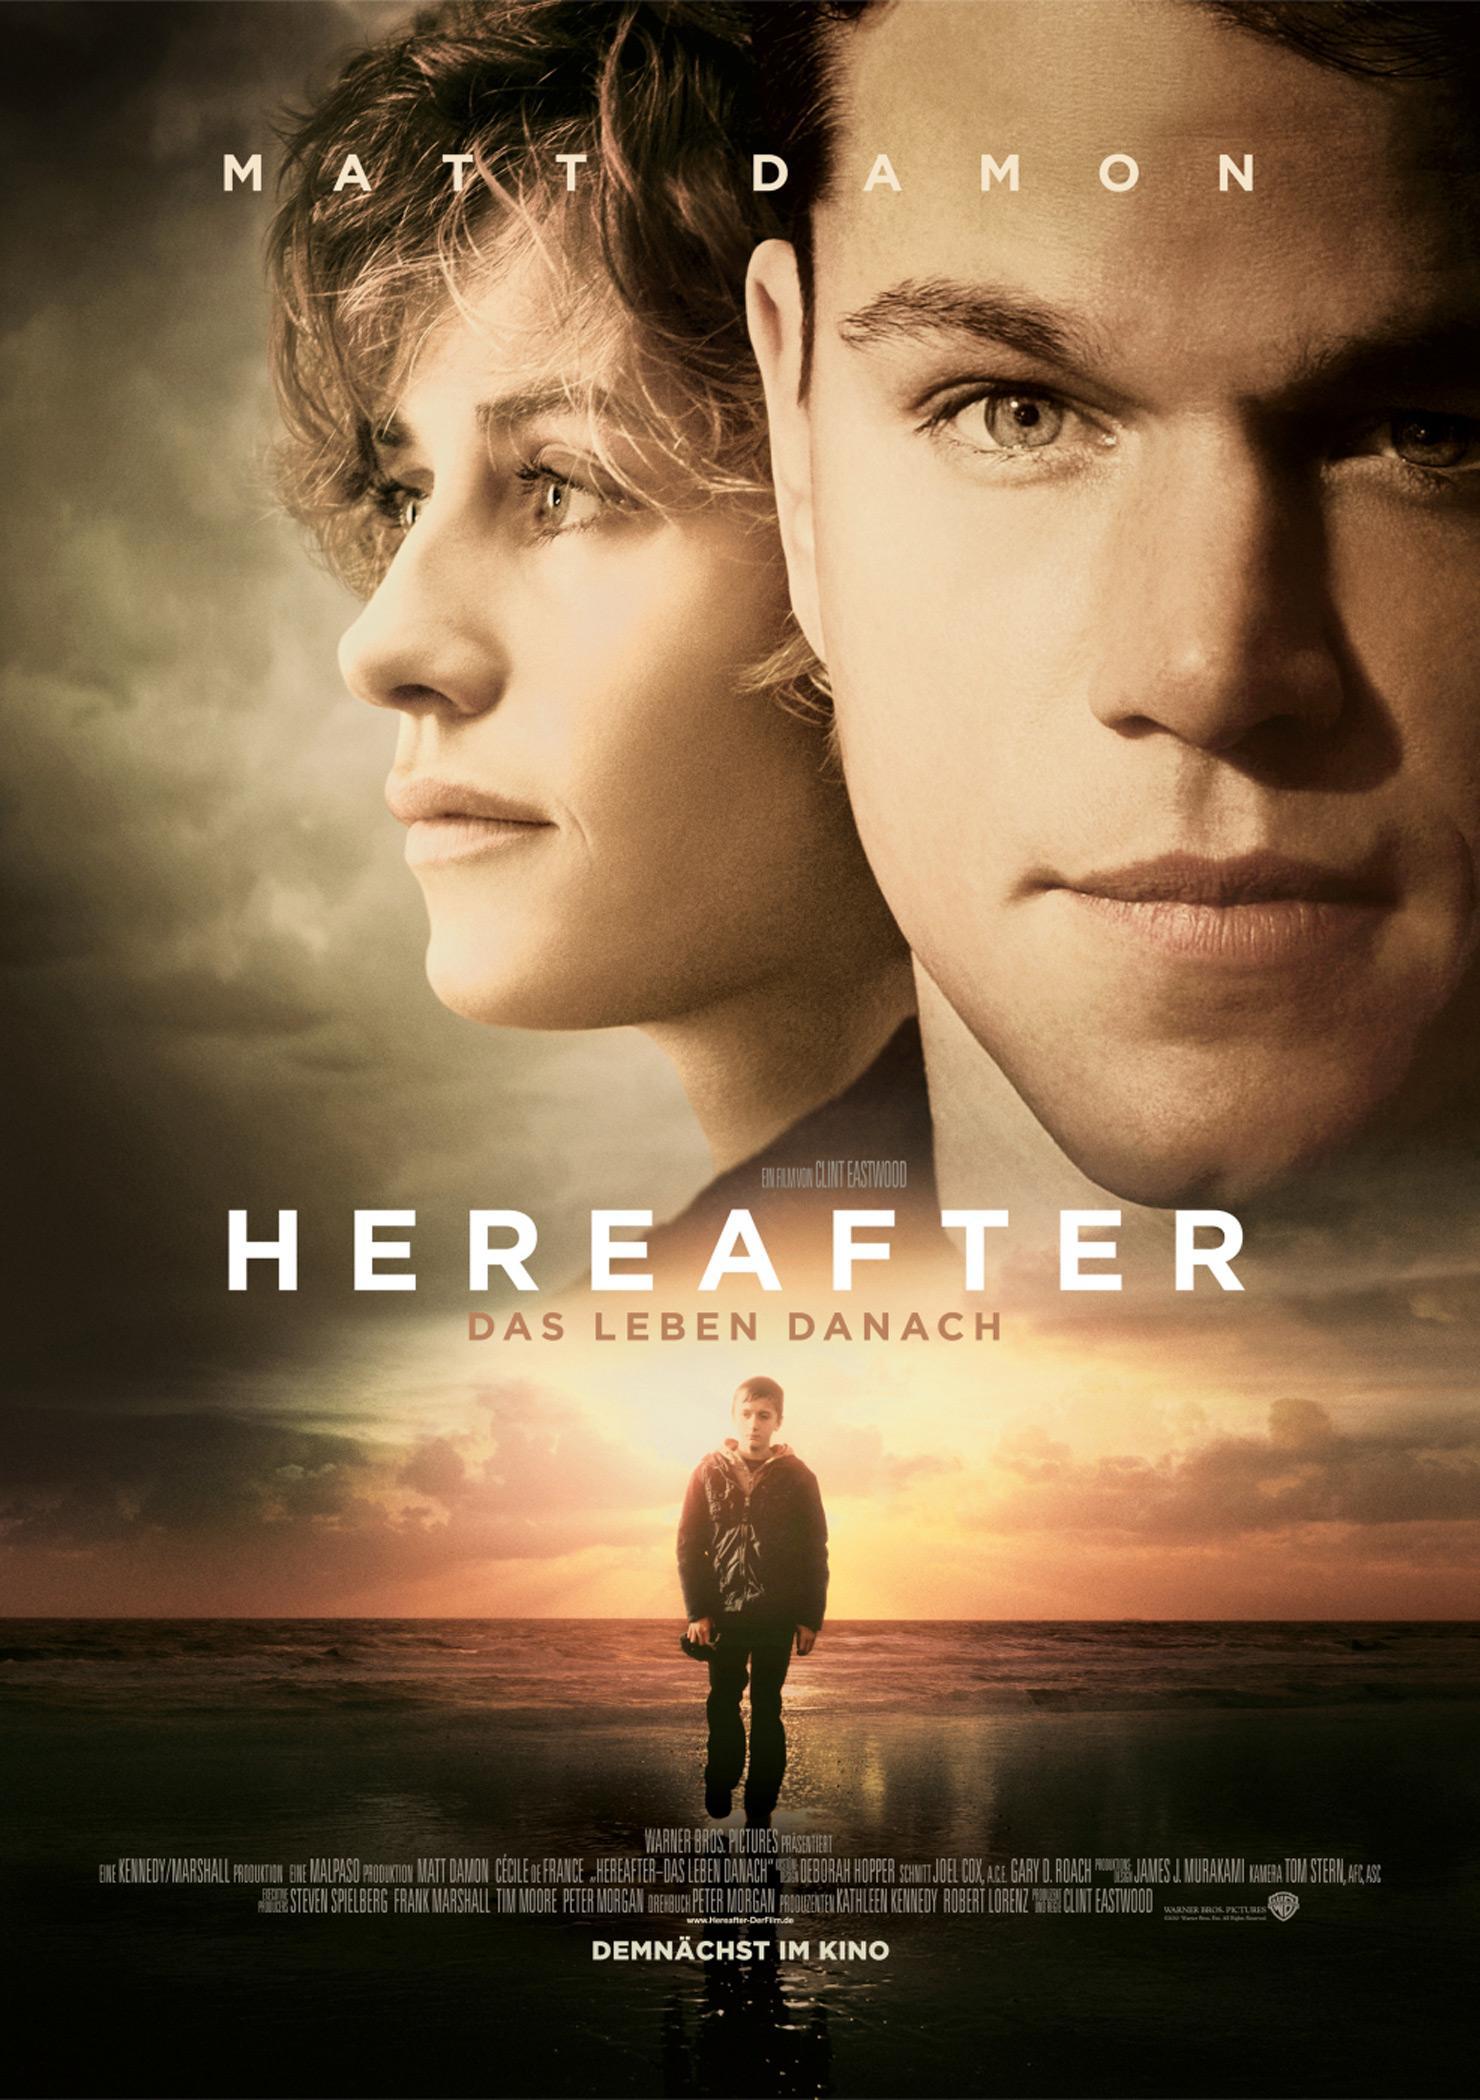 Hereafter - Das Leben danach (Poster)